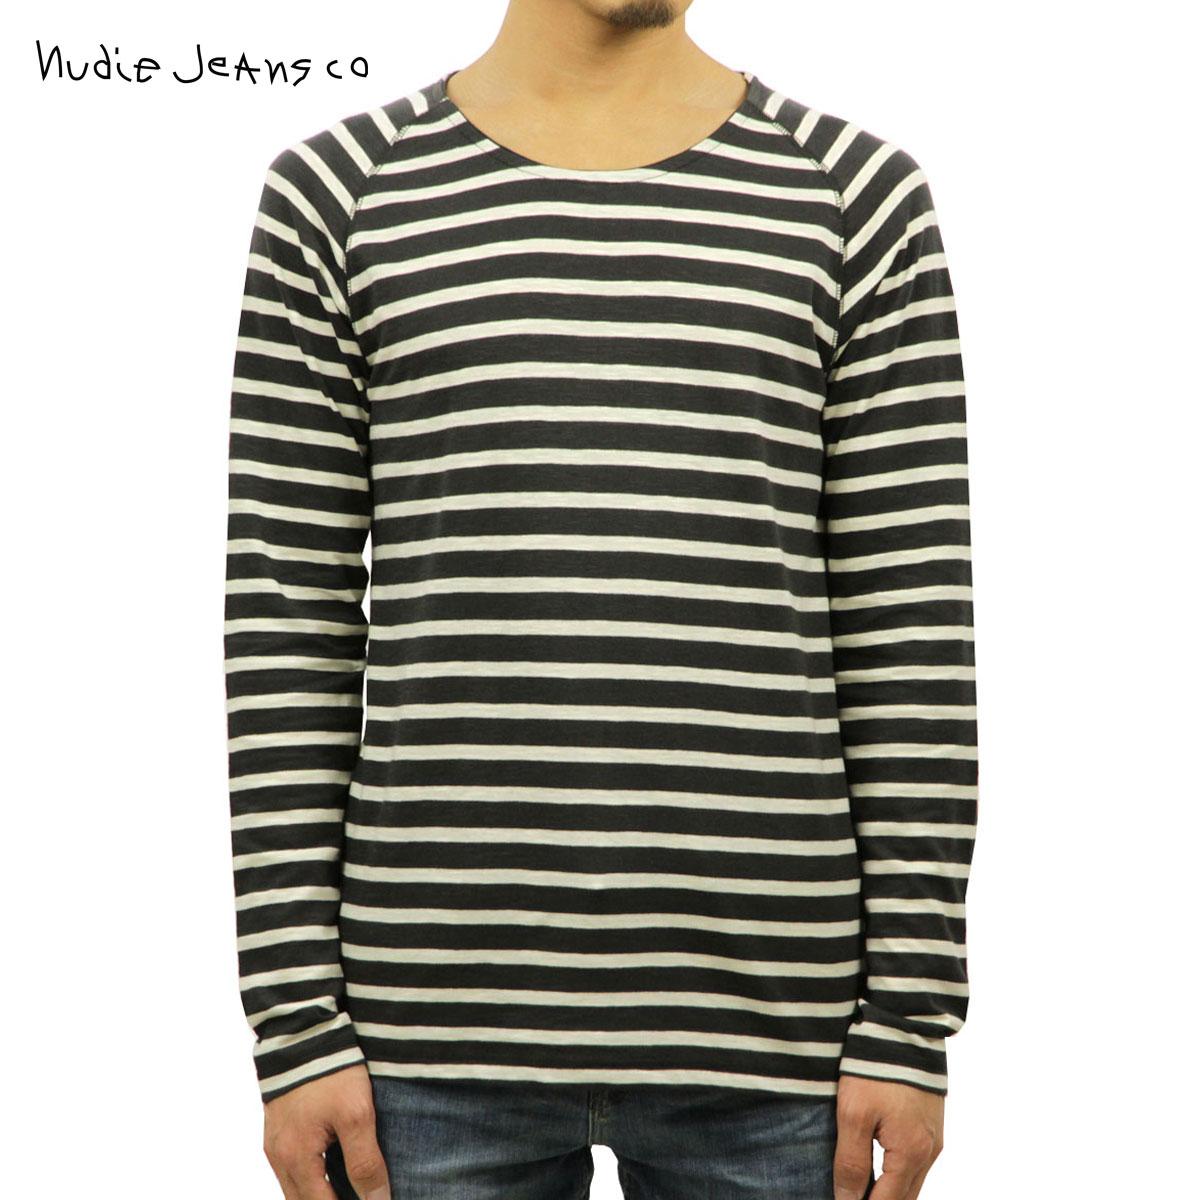 【販売期間 5/20 10:00~5/30 09:59】 ヌーディージーンズ Nudie Jeans 正規販売店 メンズ 長袖Tシャツ Otto Raglan 131395 4034 Grey D15S25